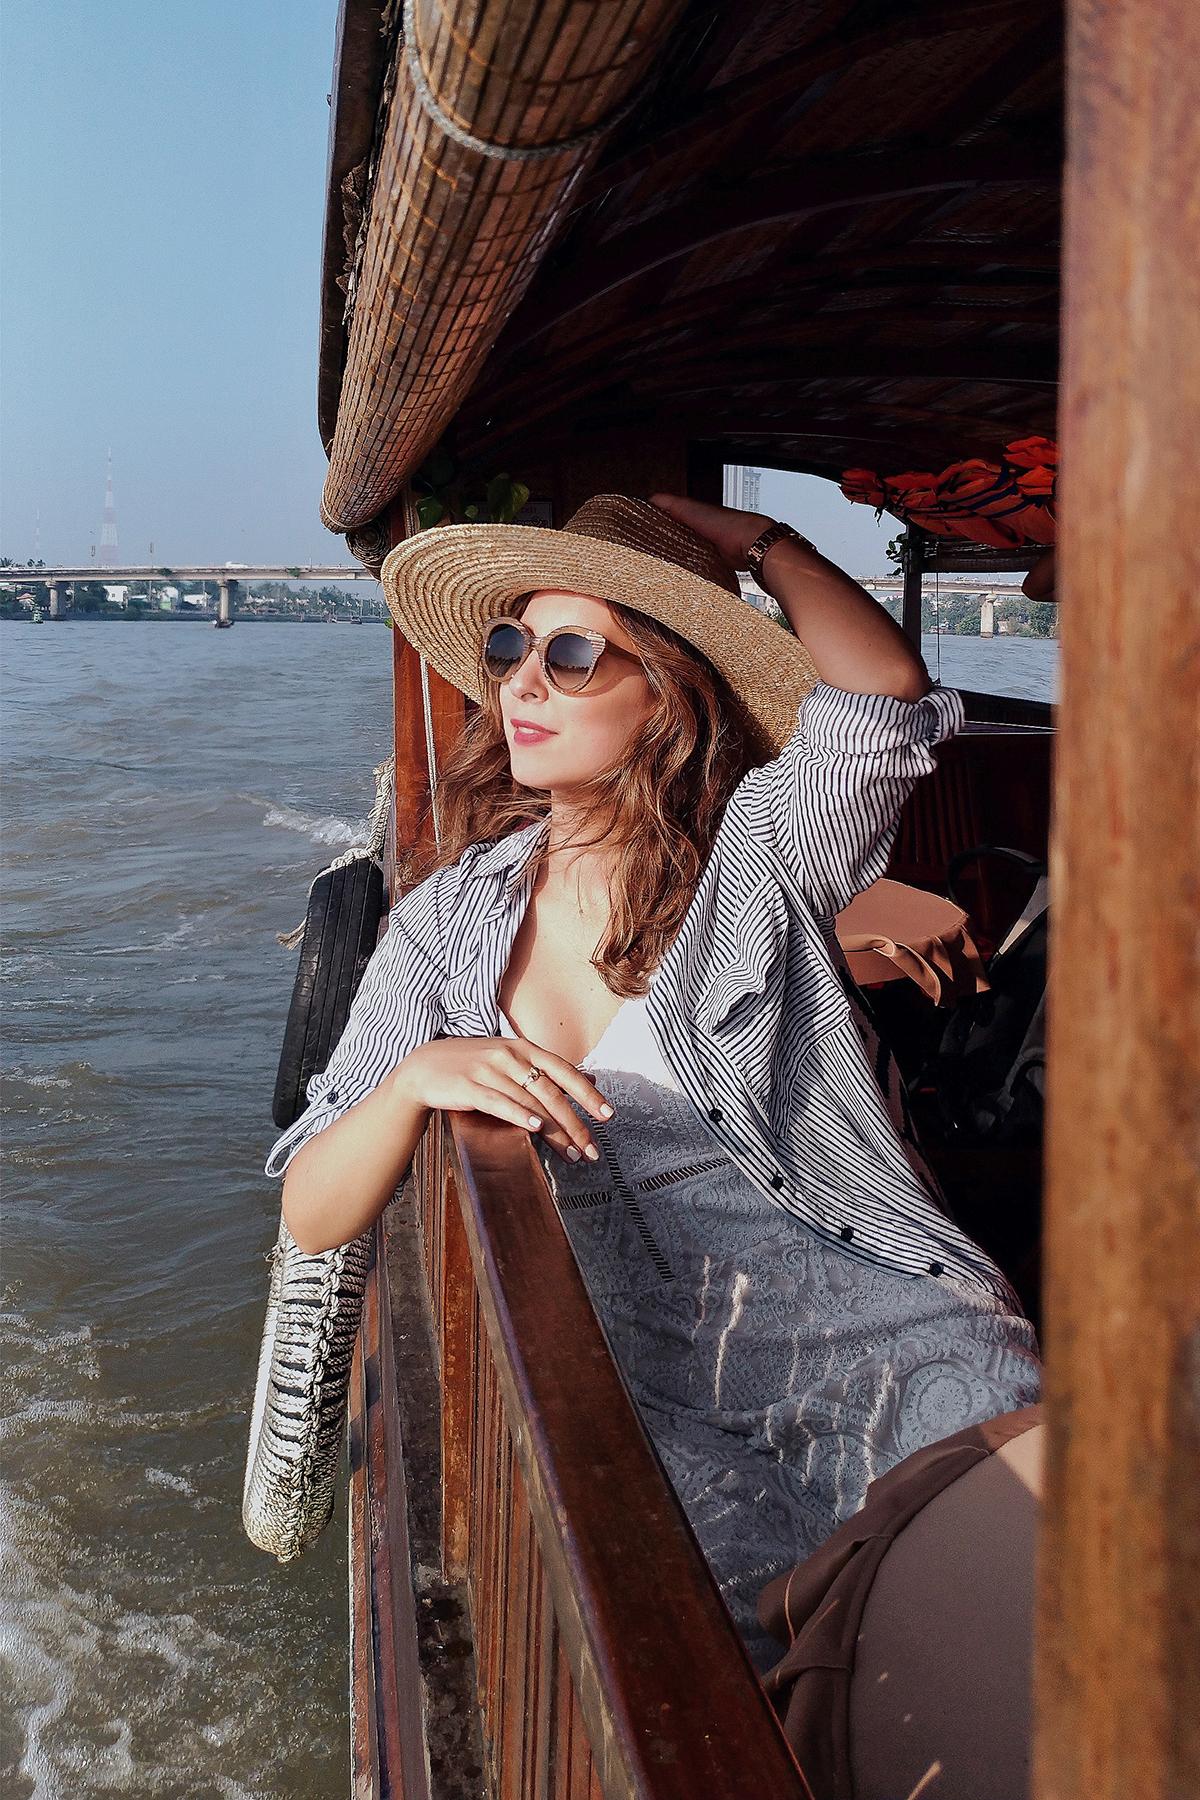 Helloitsvalentine MarcheFlottant CaiRang CanTho DeltaduMekong 6 - Quelques jours au Vietnam – Le marché flottant de Cai Rang à Can Tho sur le Delta du Mékong